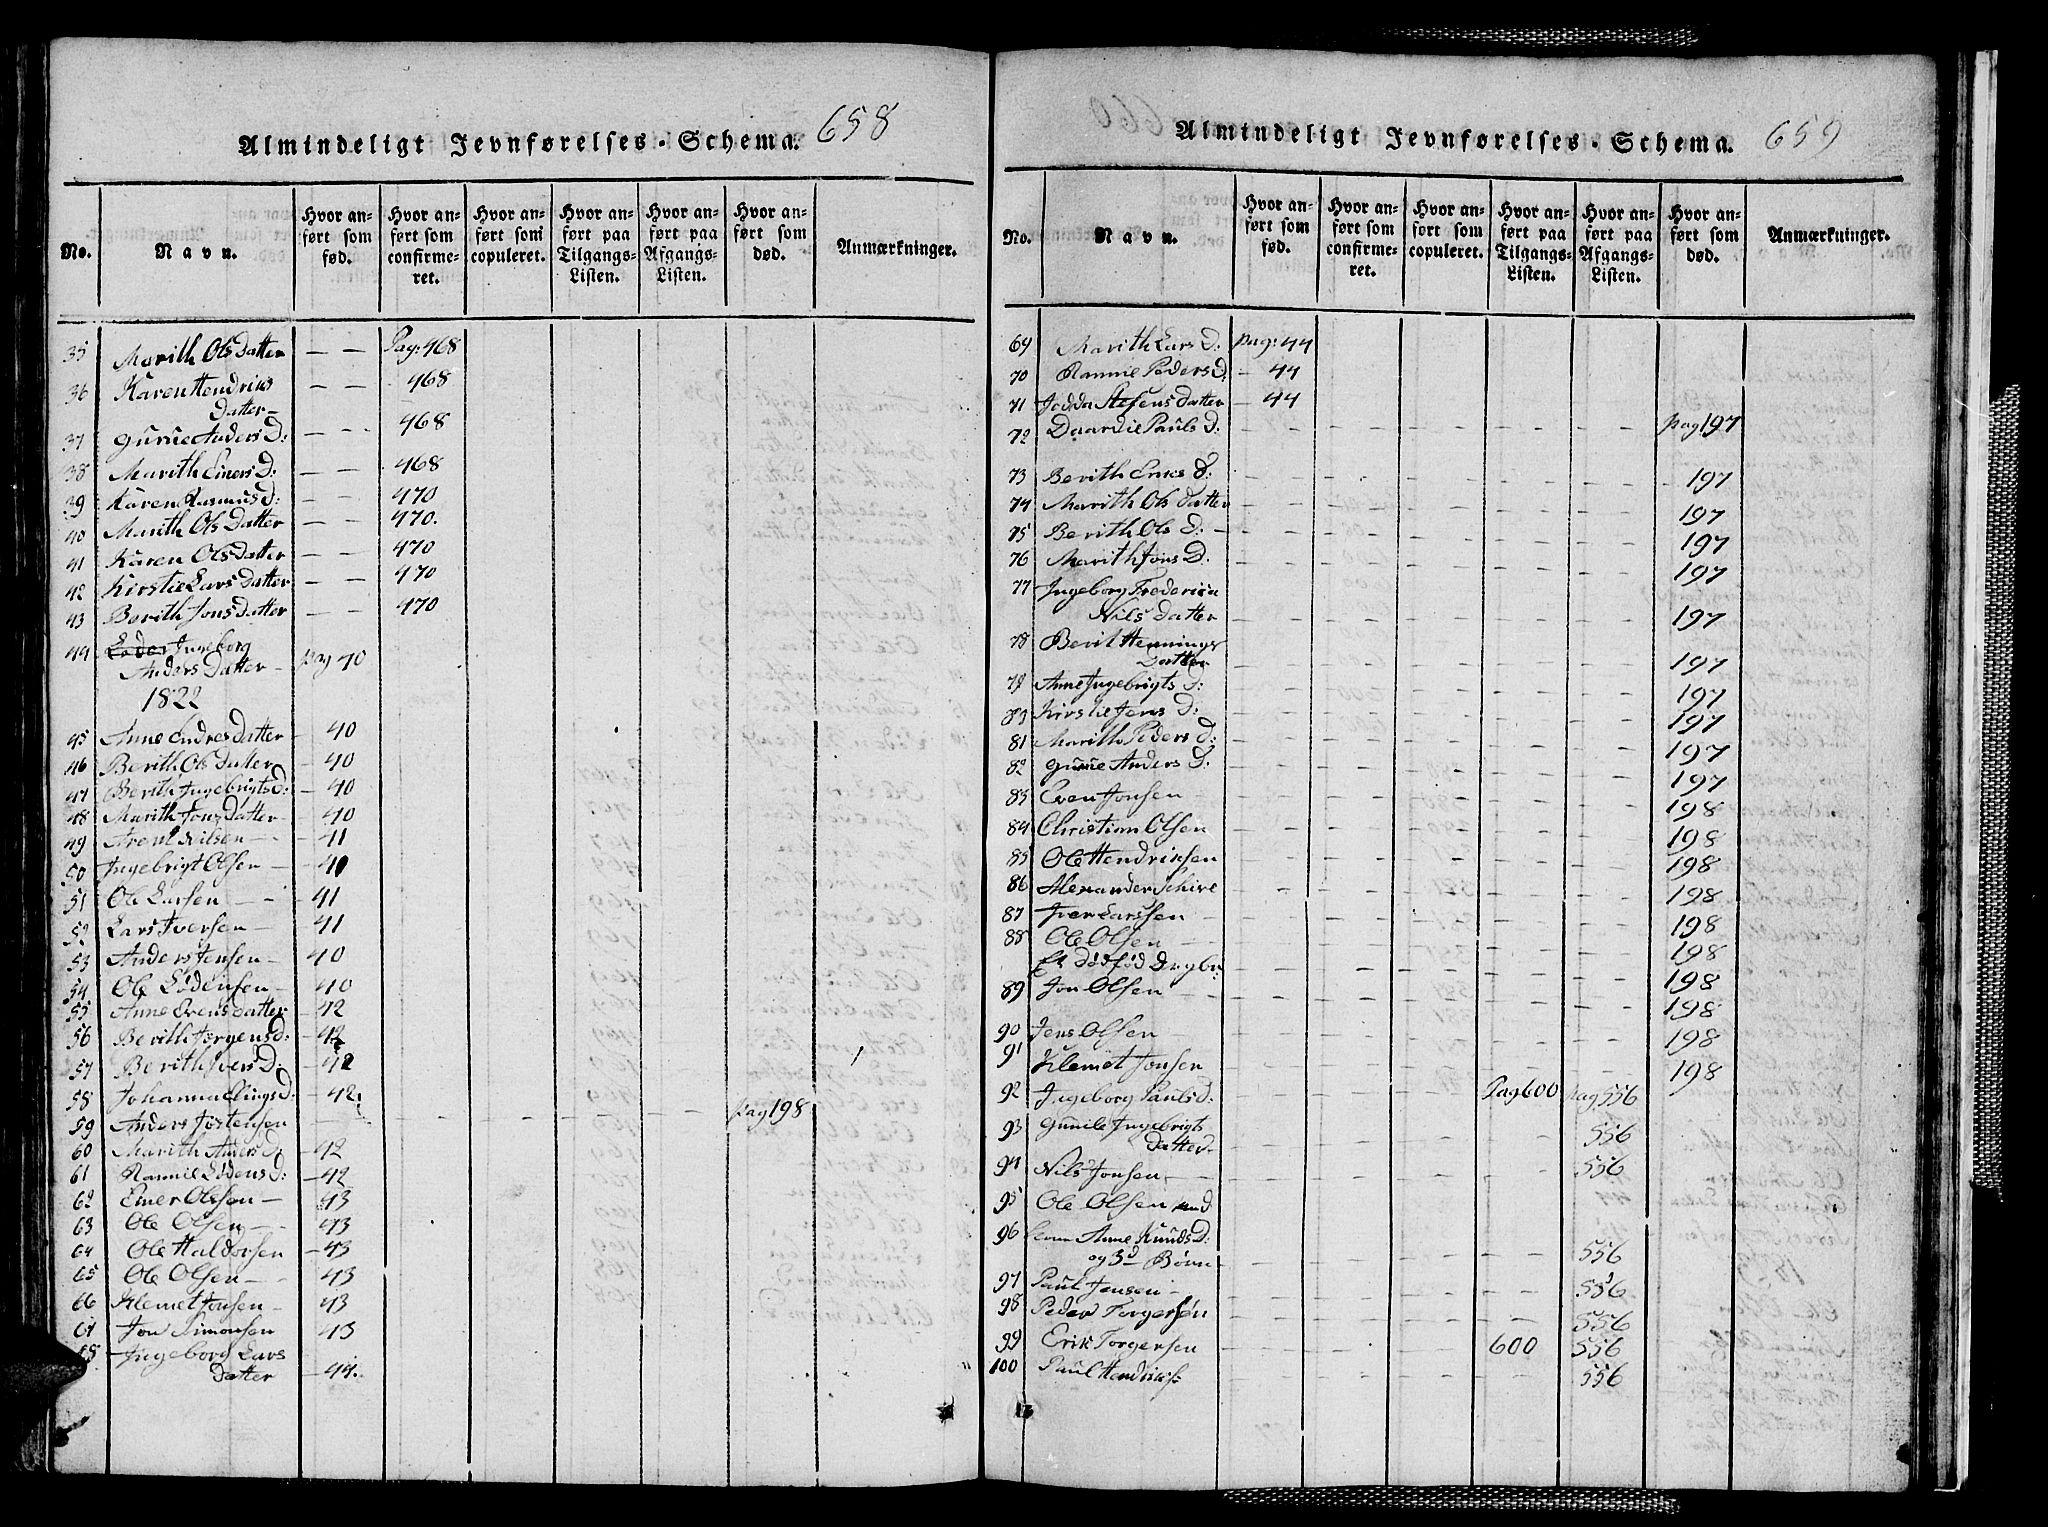 SAT, Ministerialprotokoller, klokkerbøker og fødselsregistre - Sør-Trøndelag, 667/L0796: Klokkerbok nr. 667C01, 1817-1836, s. 658-659